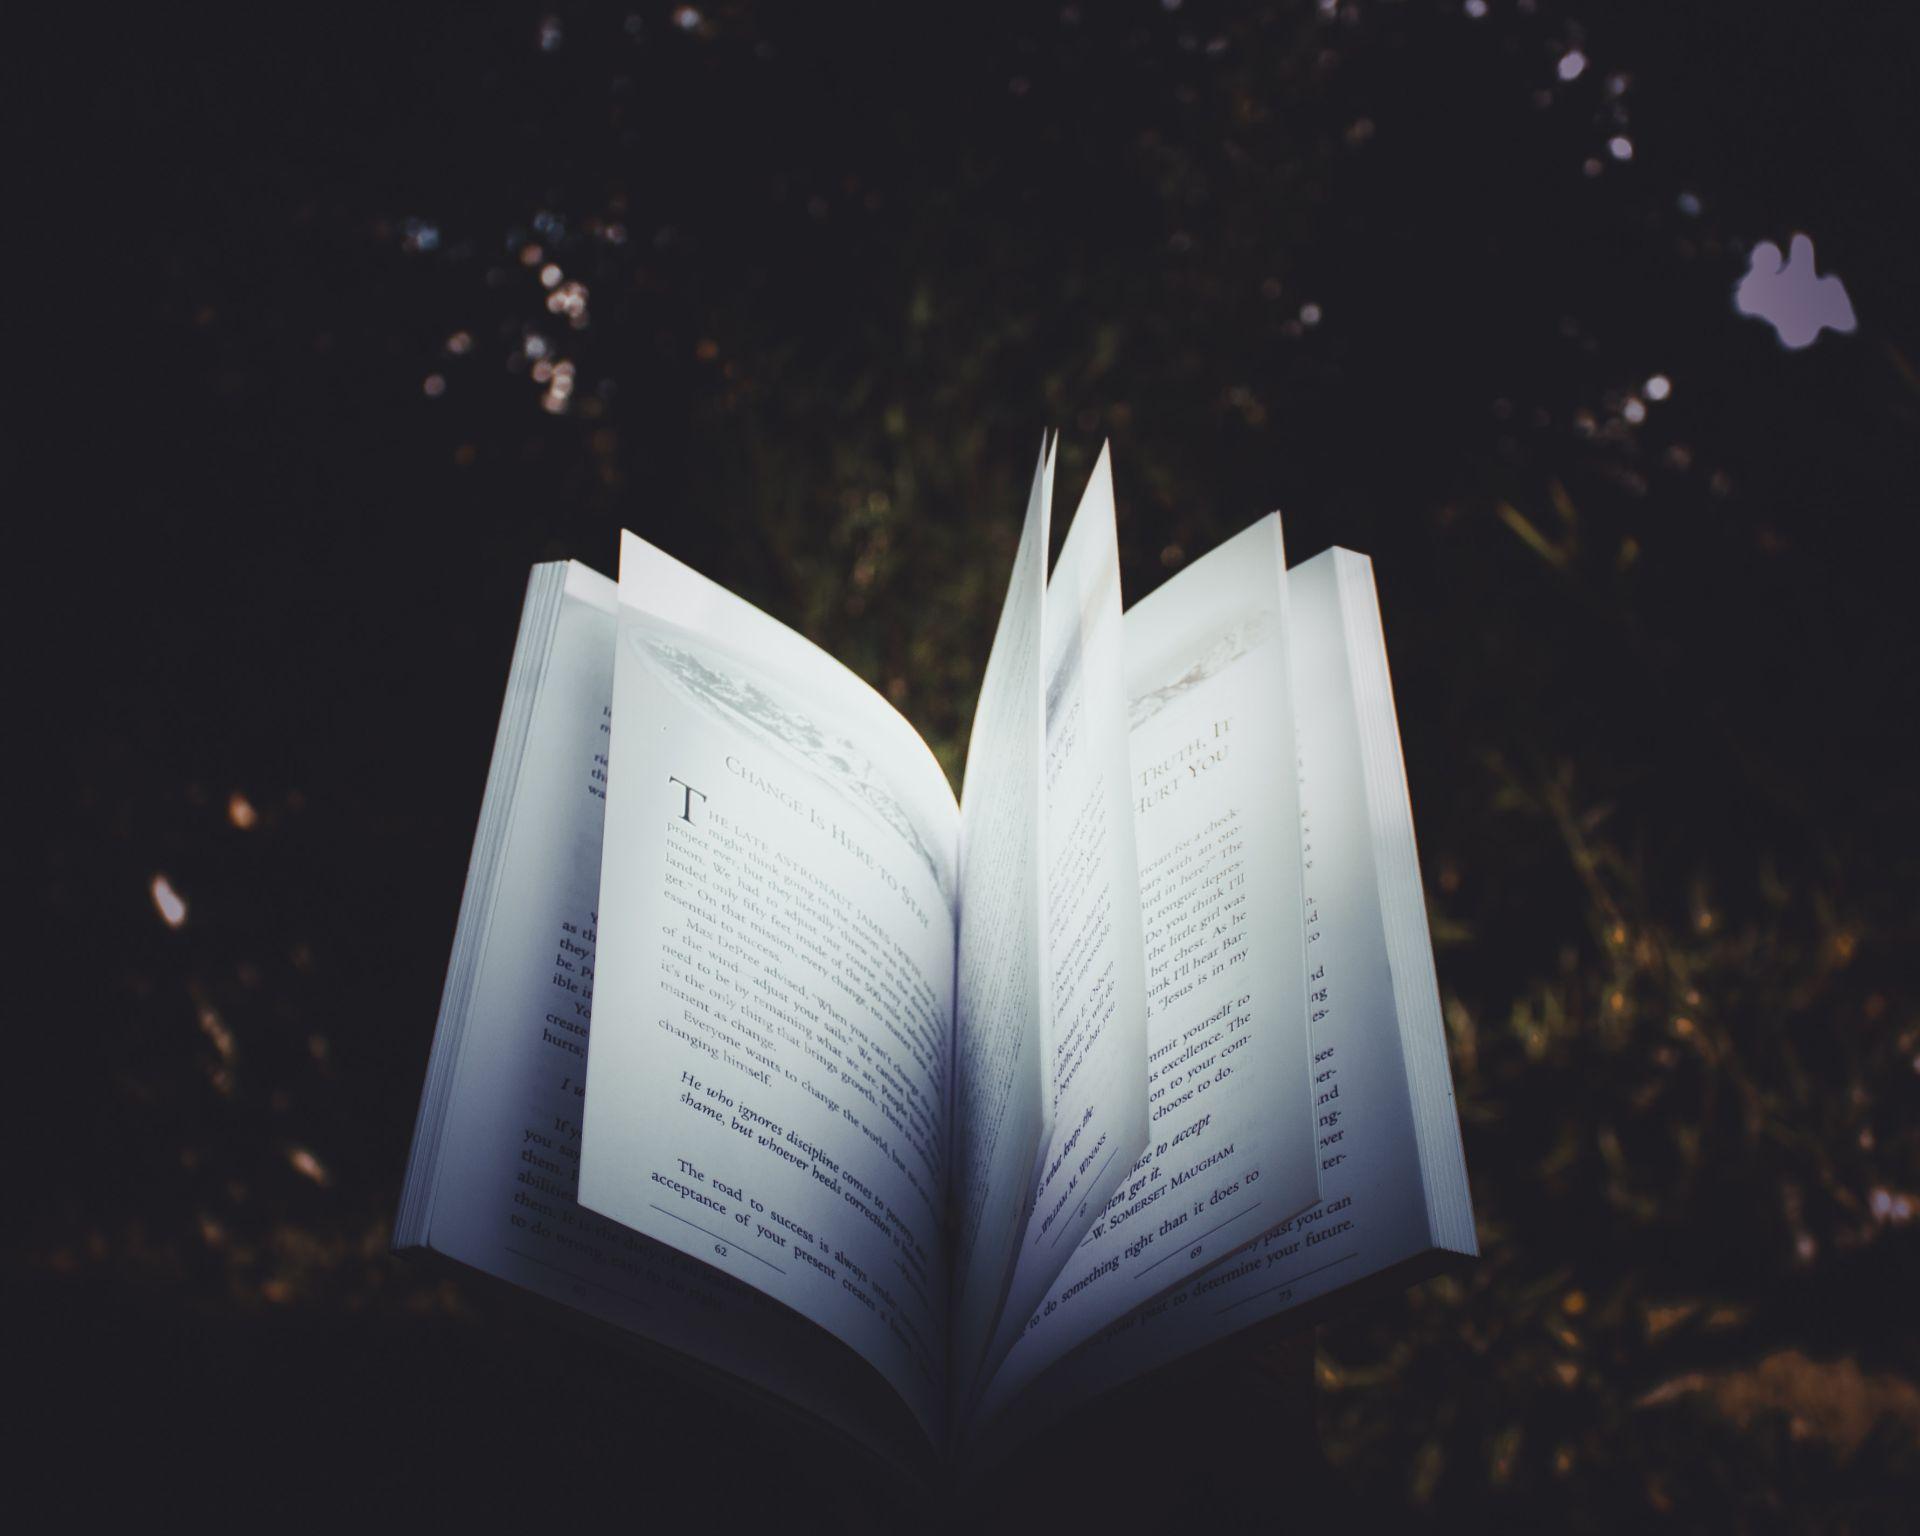 10 najlepszych powieści wszechczasów - zdjęcie książki